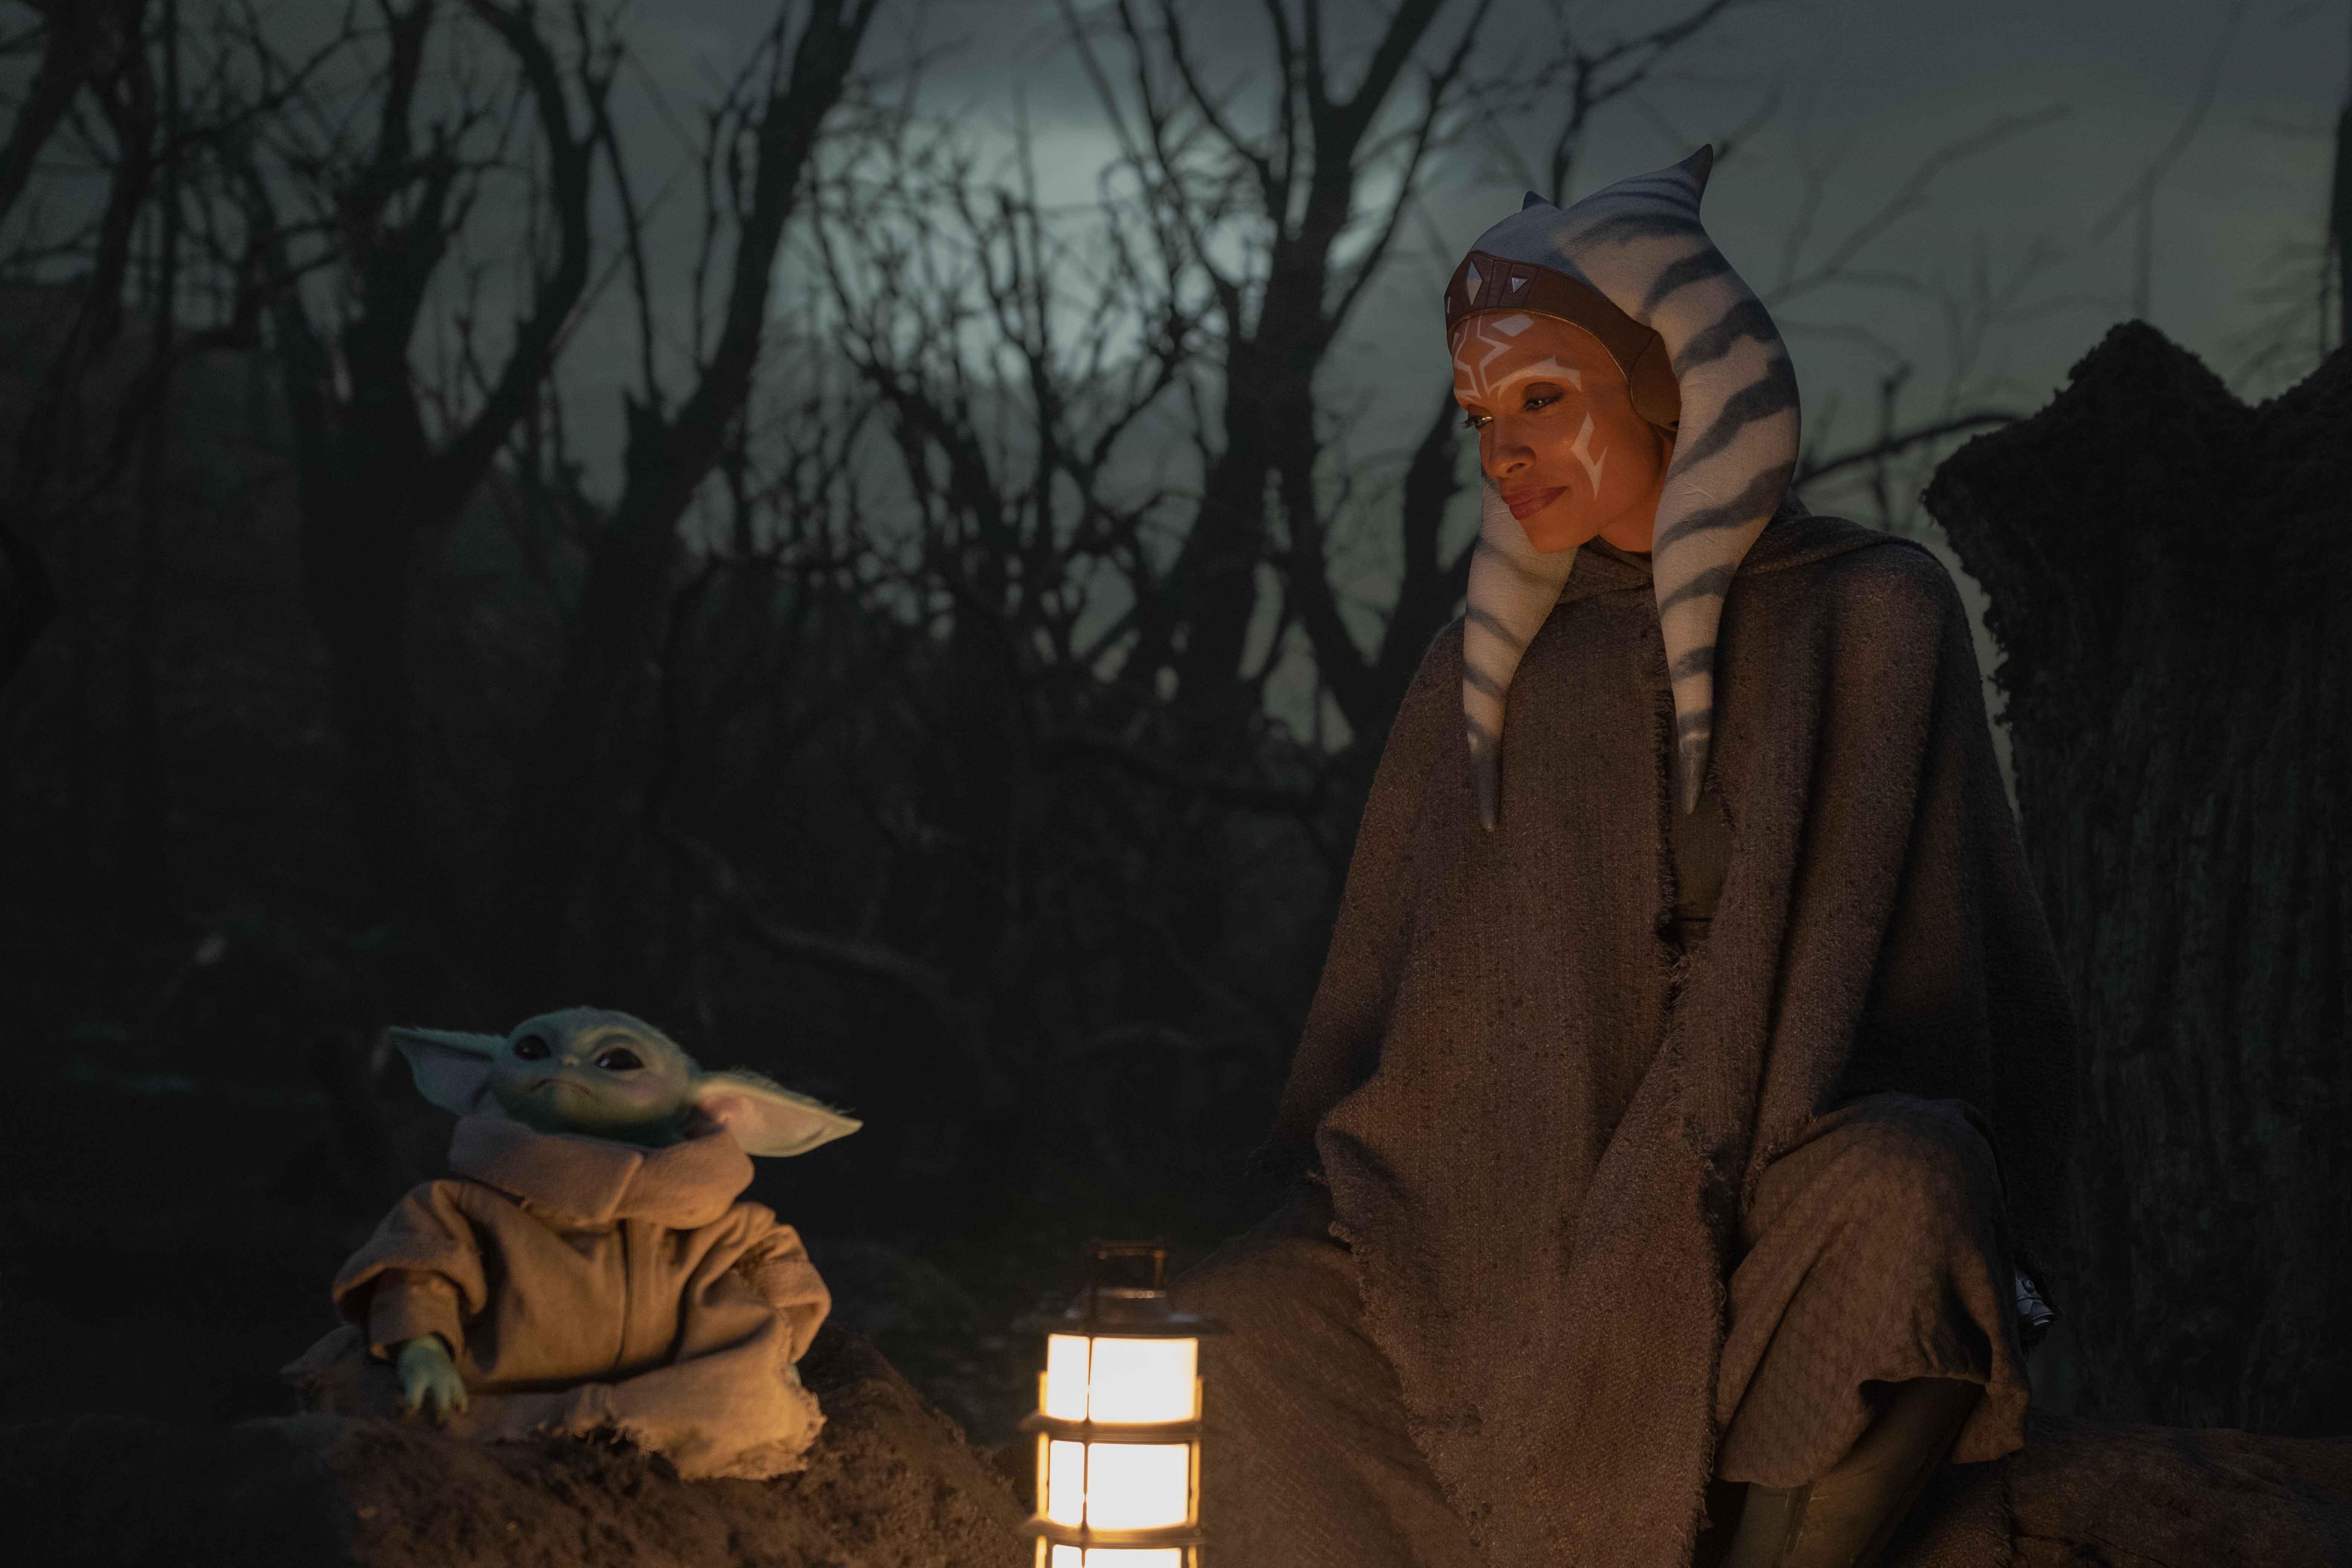 Il Bambino e Ahsoka Tano interpretata da Rosario Dawson